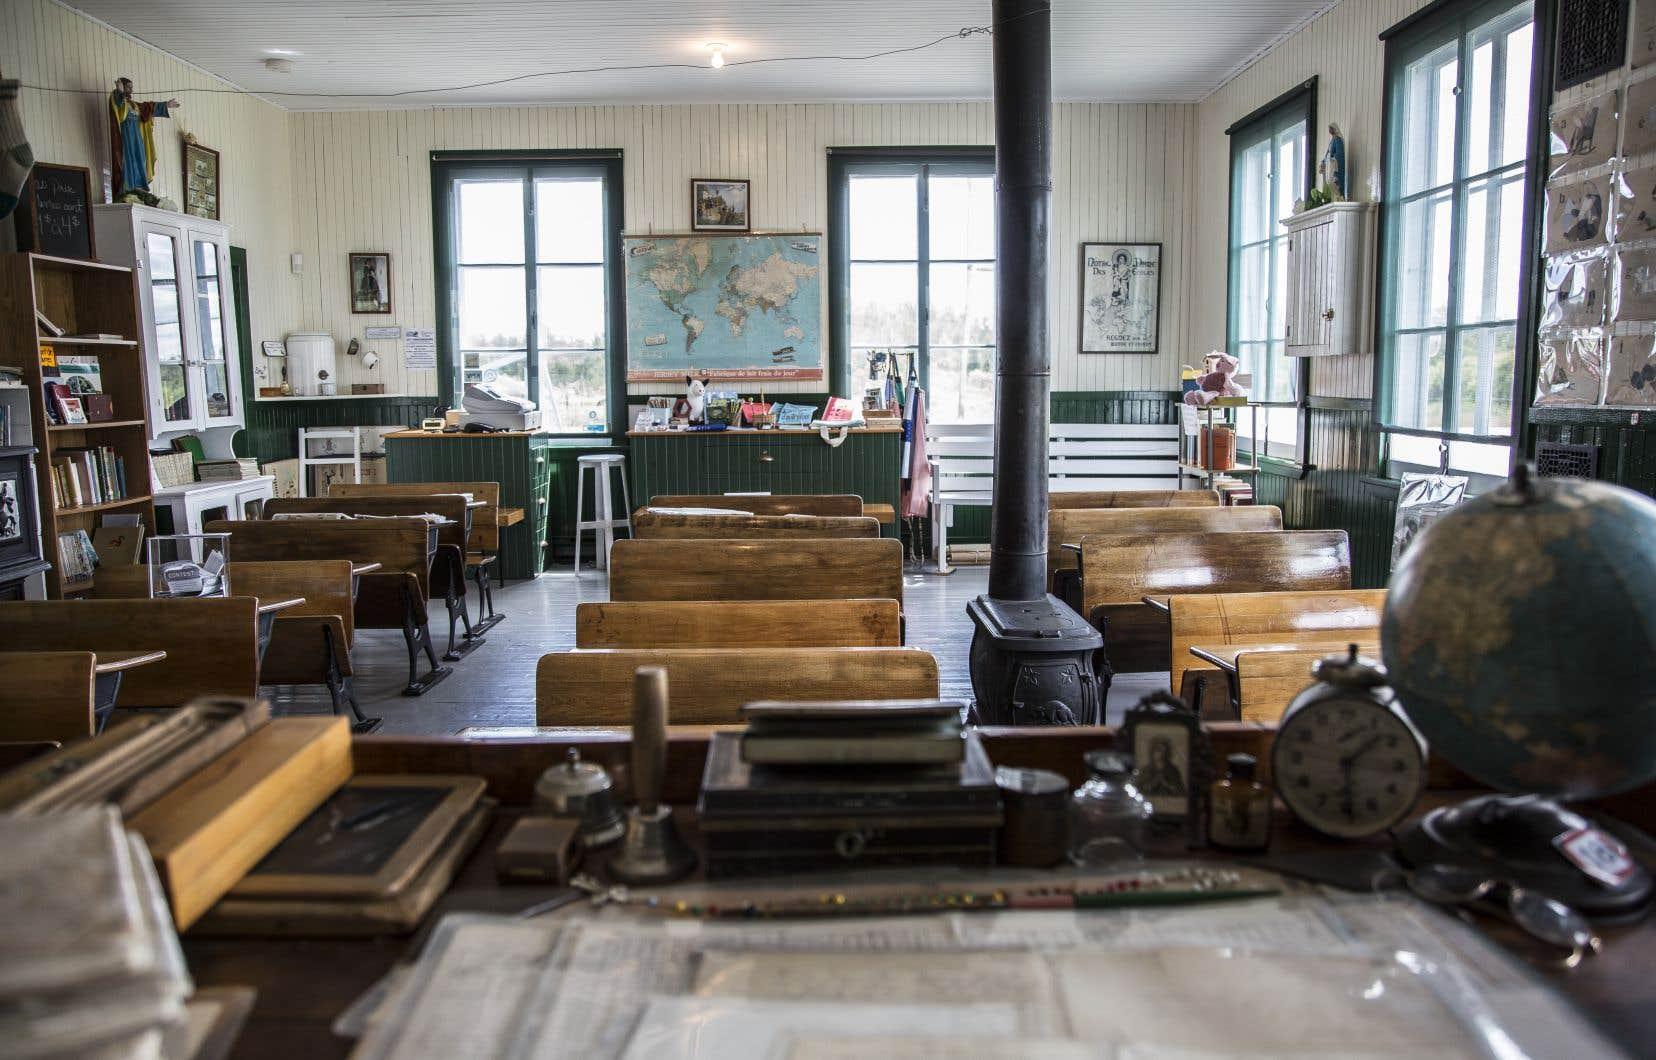 De 1937 à 1958, les enfants ont pris place derrière les pupitres de l'école du Rang II d'Authier, qui est aujourd'hui un musée.